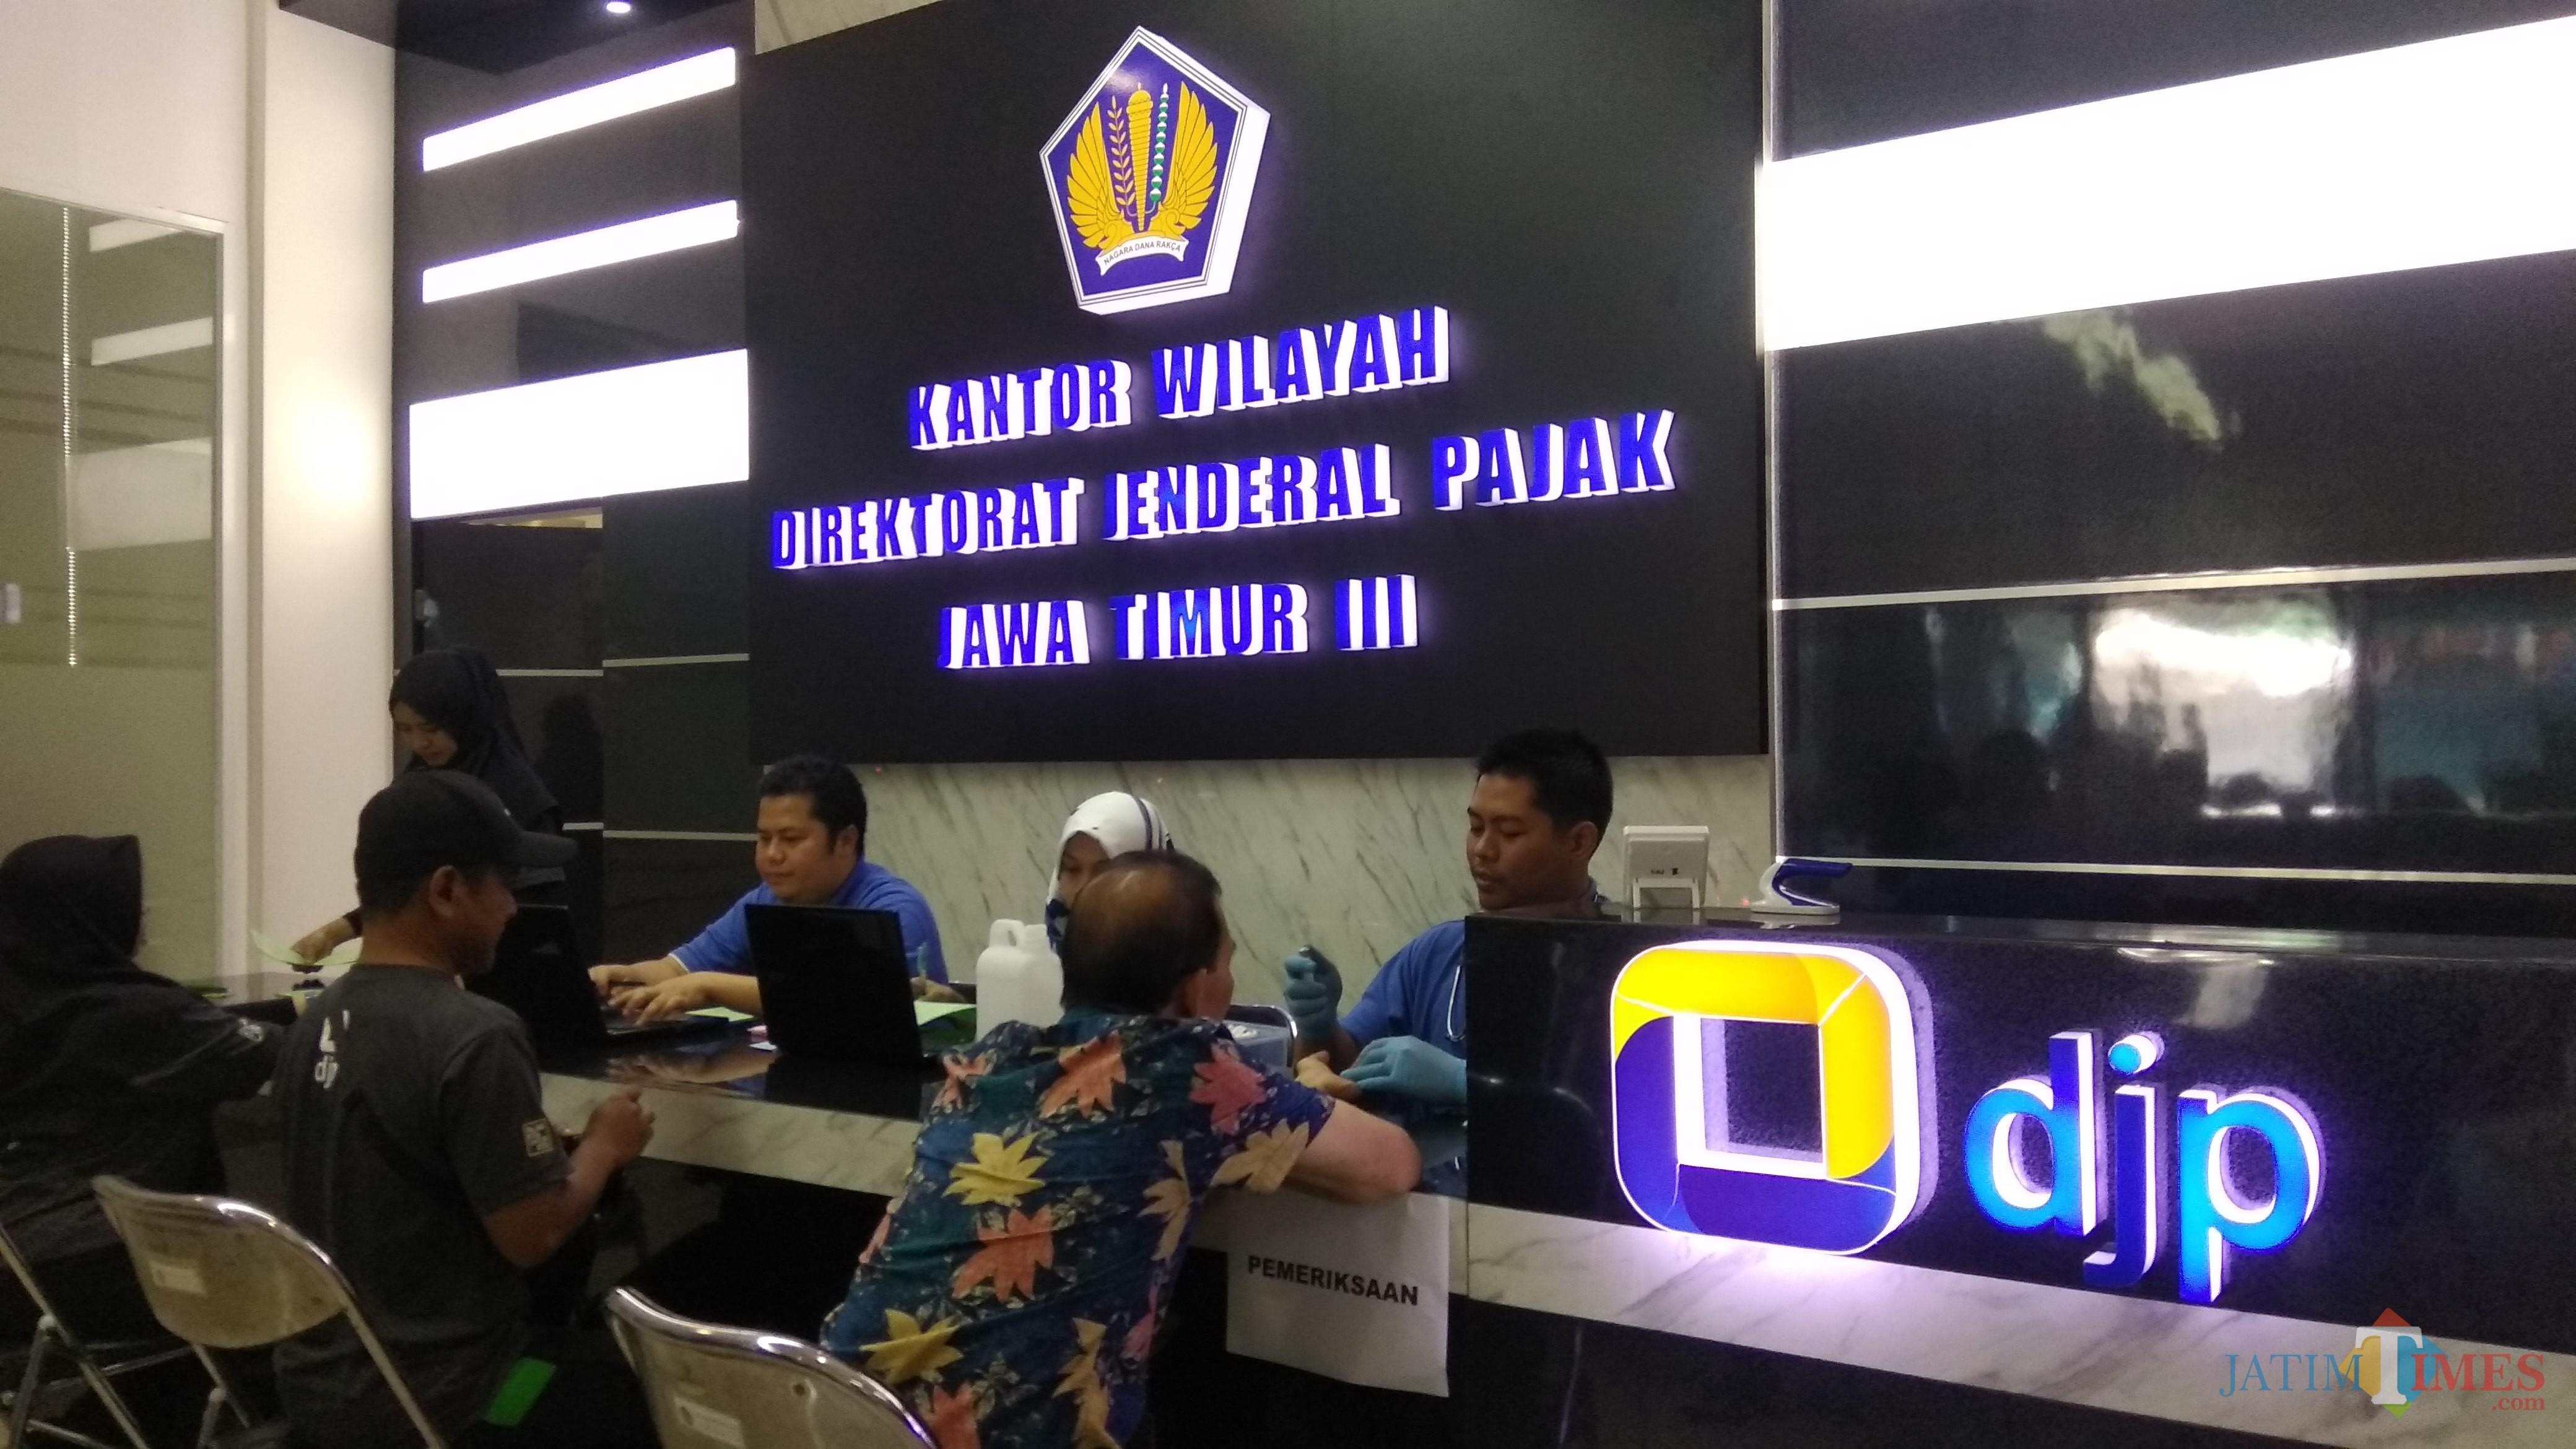 Pelayanan pembayaran pajak di Kantor Wilayah DJP Jatim III di Kota Malang. (Foto: Nurlayla Ratri/MalangTIMES)